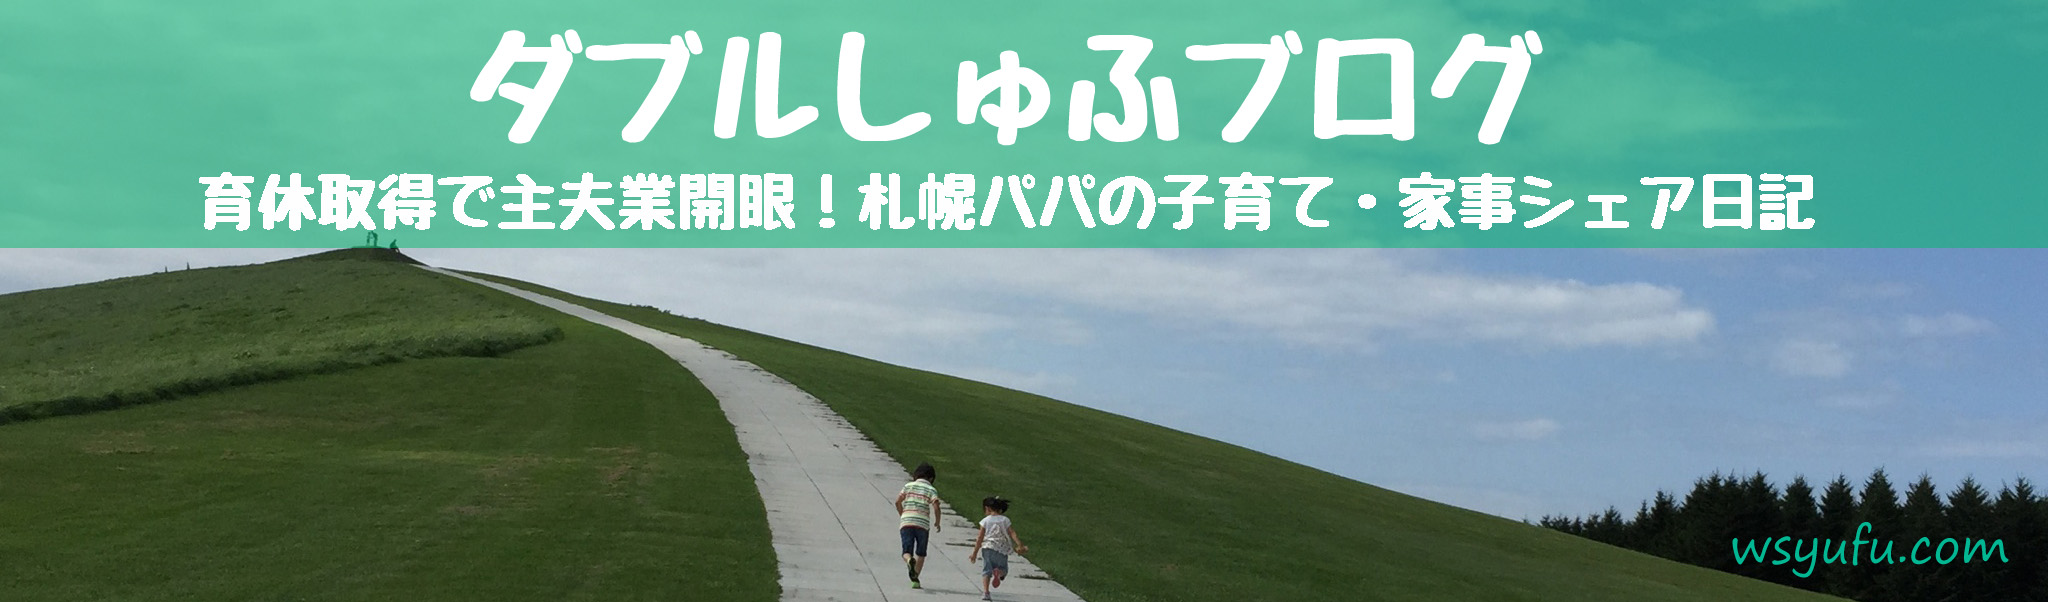 ダブルしゅふブログ|育休取得で主夫開眼したパパの札幌子育て・洗濯・掃除・電気代節約実践記